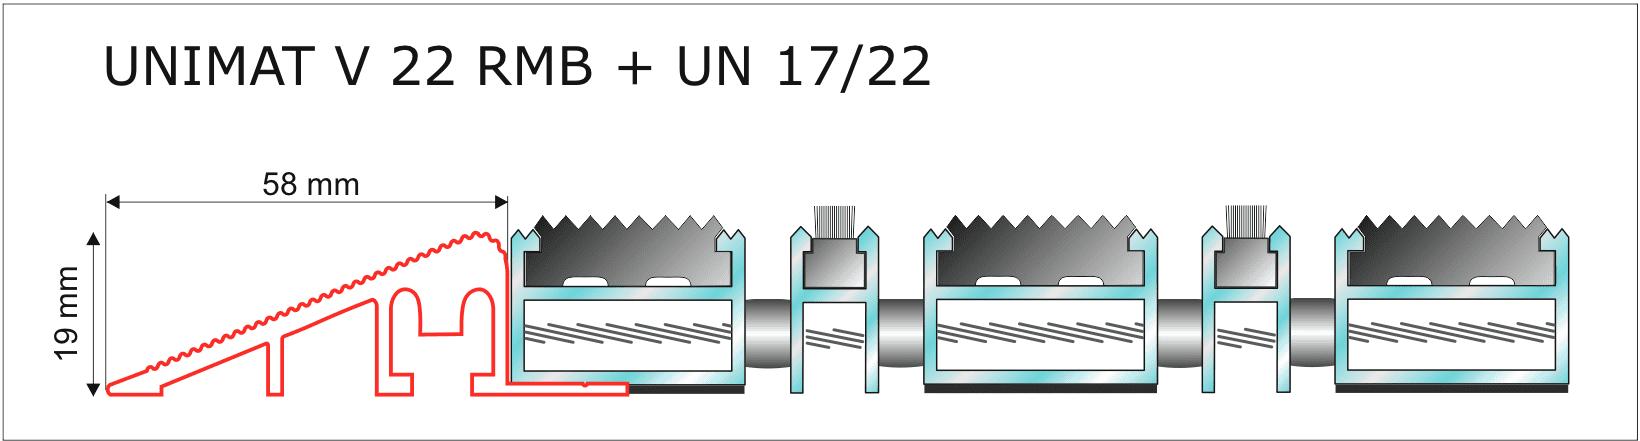 Unimat V 22 MBR + UN17.png